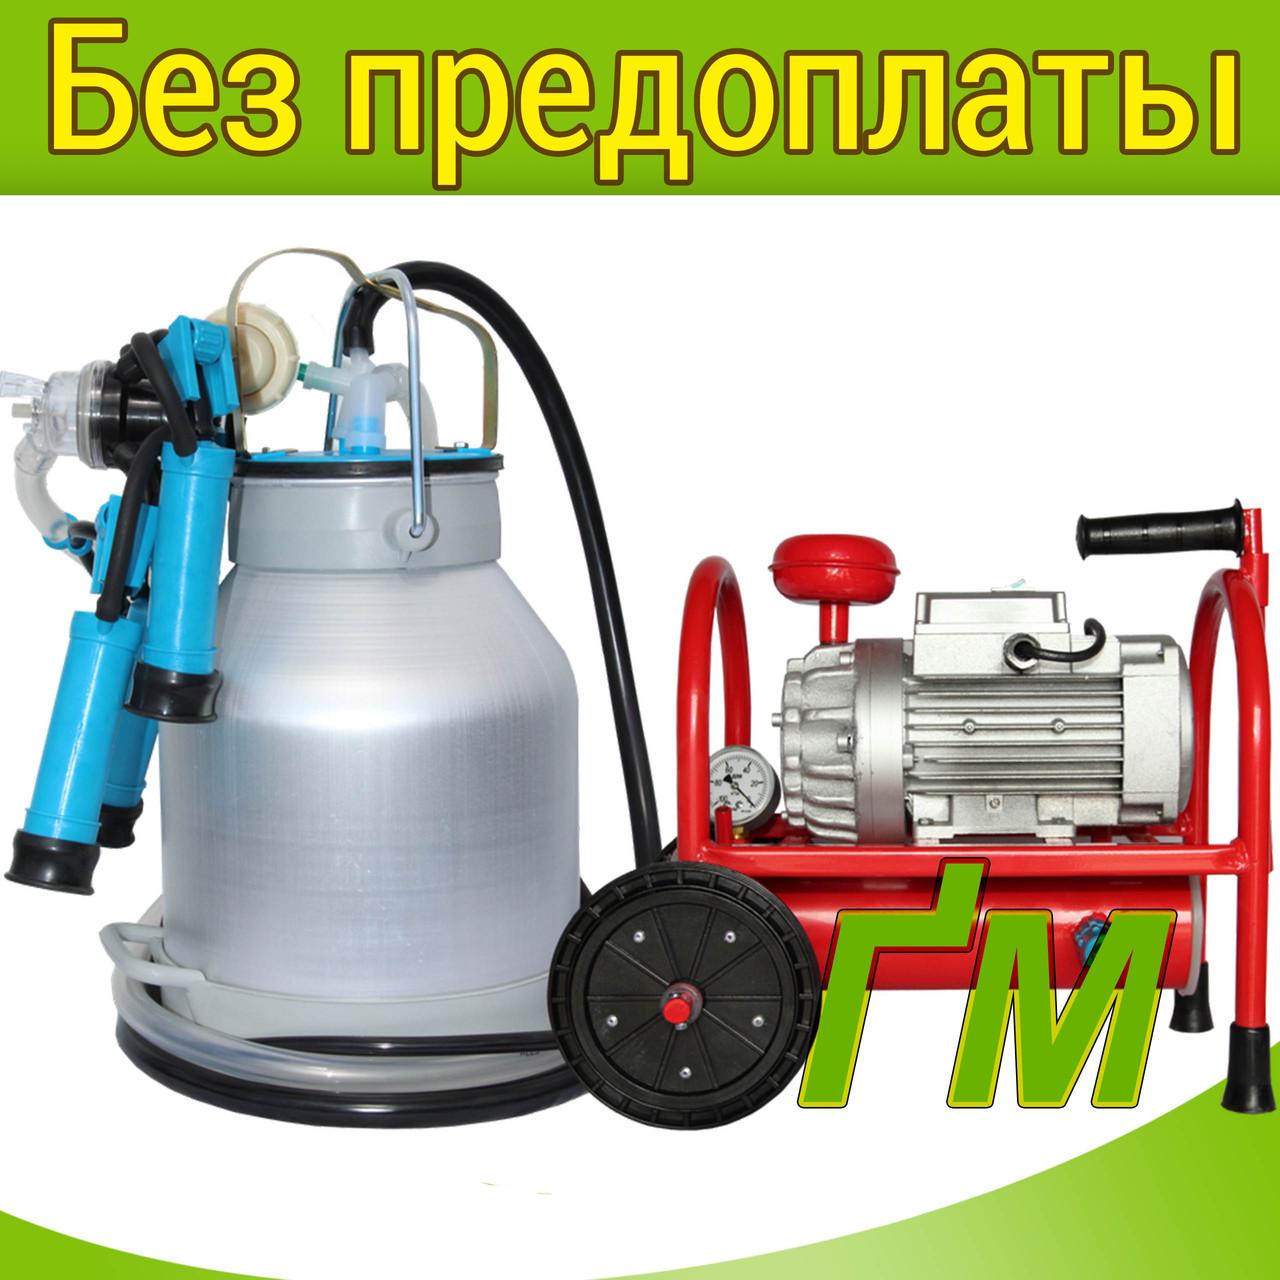 Доильный аппарат Буренка-1 Стандарт 3000